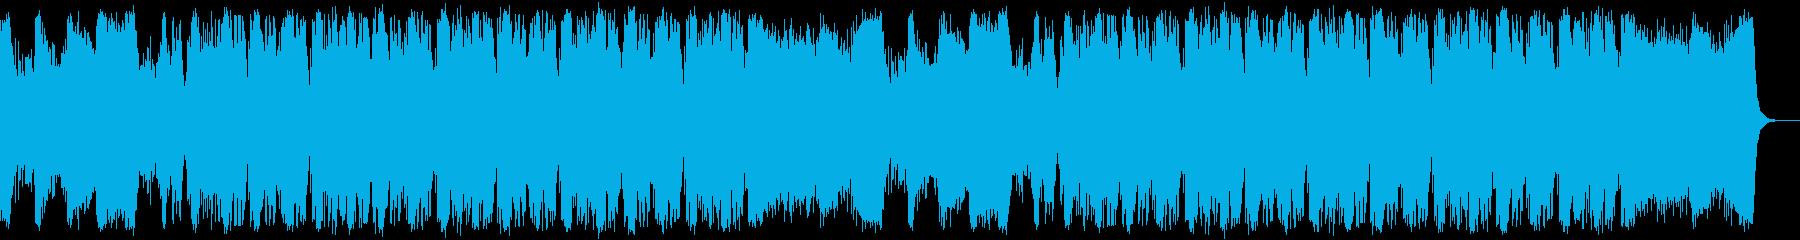 恐怖と脅威のホラーサバイバルオーケストラの再生済みの波形